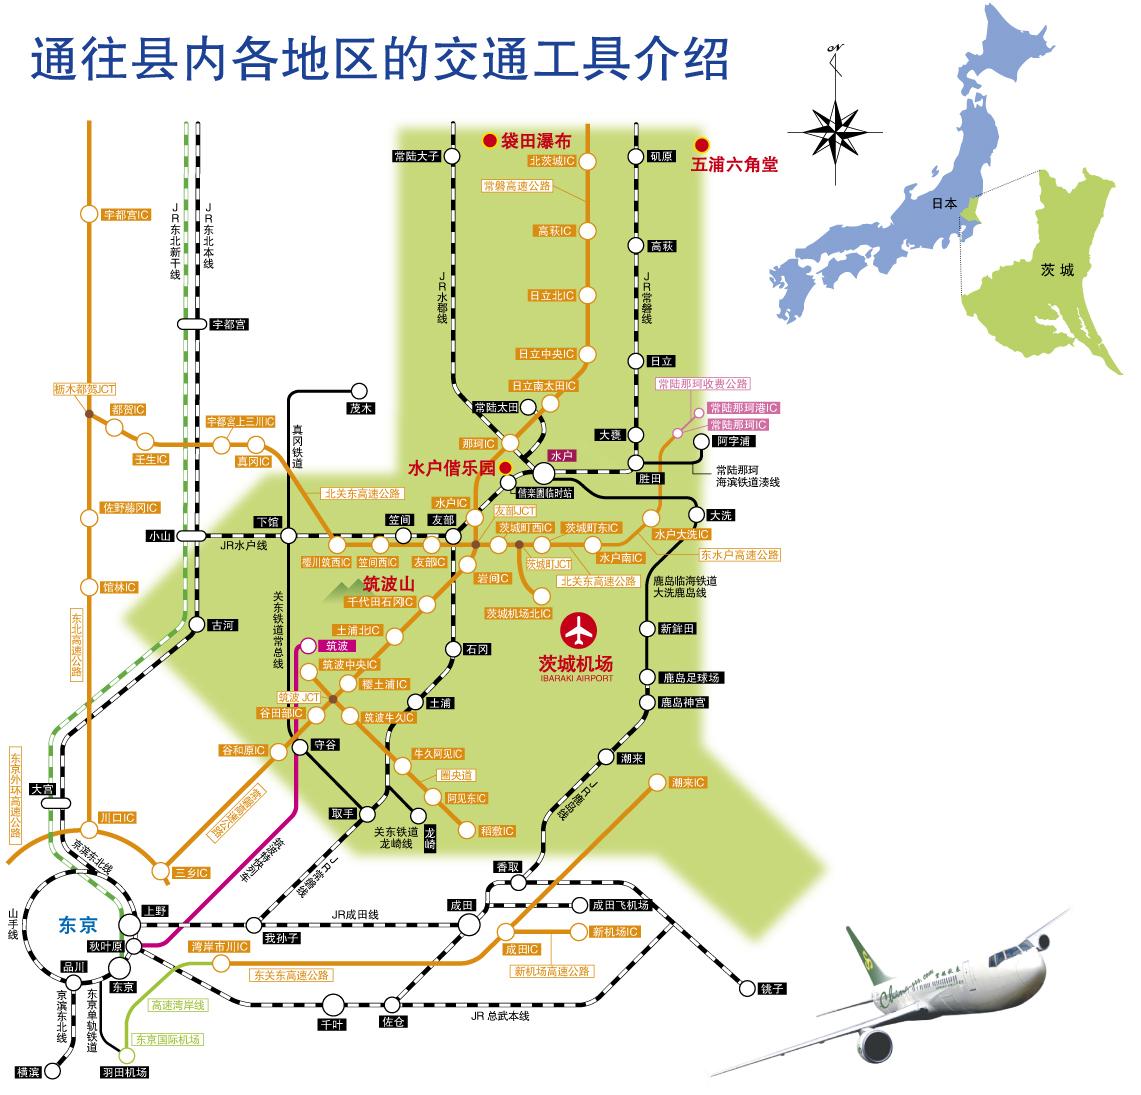 通往县内各地区的交通工具介绍